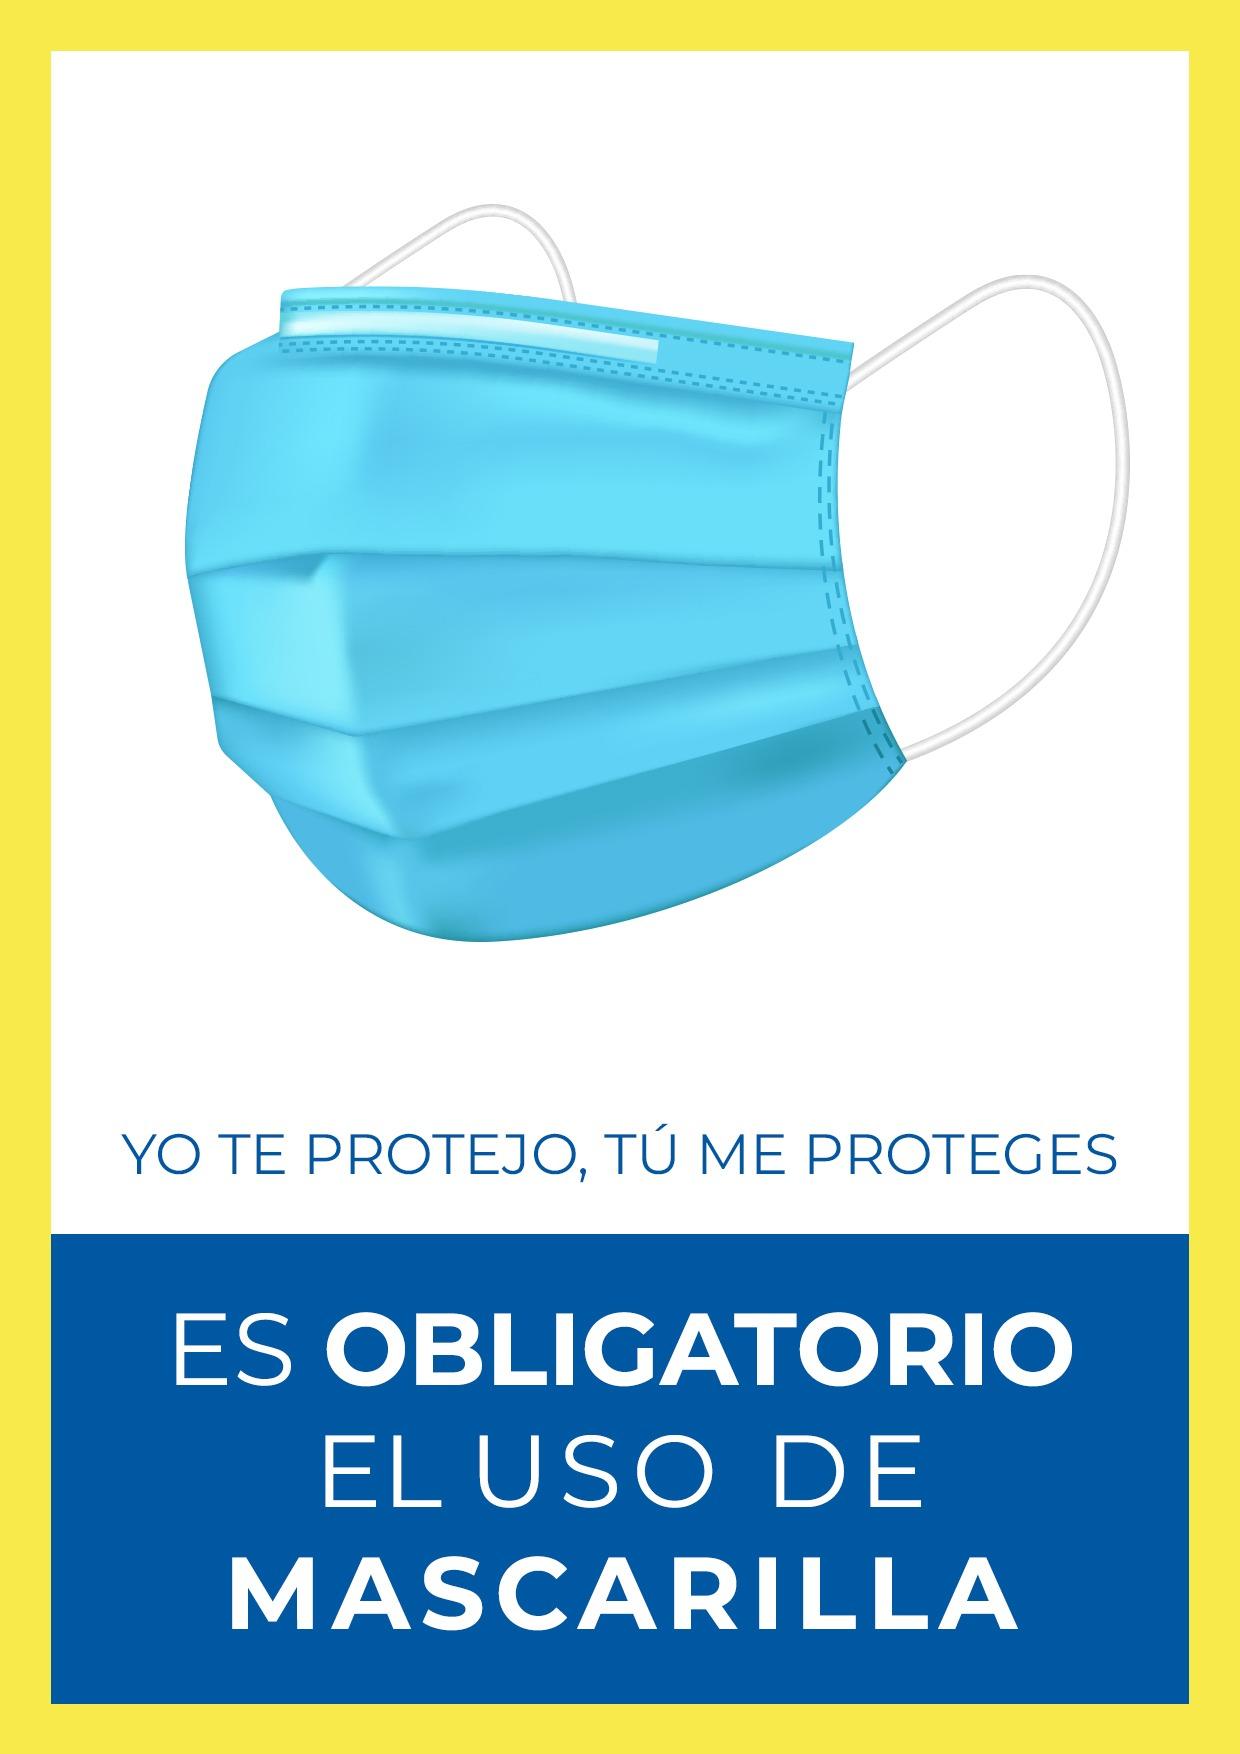 cartel para uso obligatorio de mascarilla para imprimir gratis